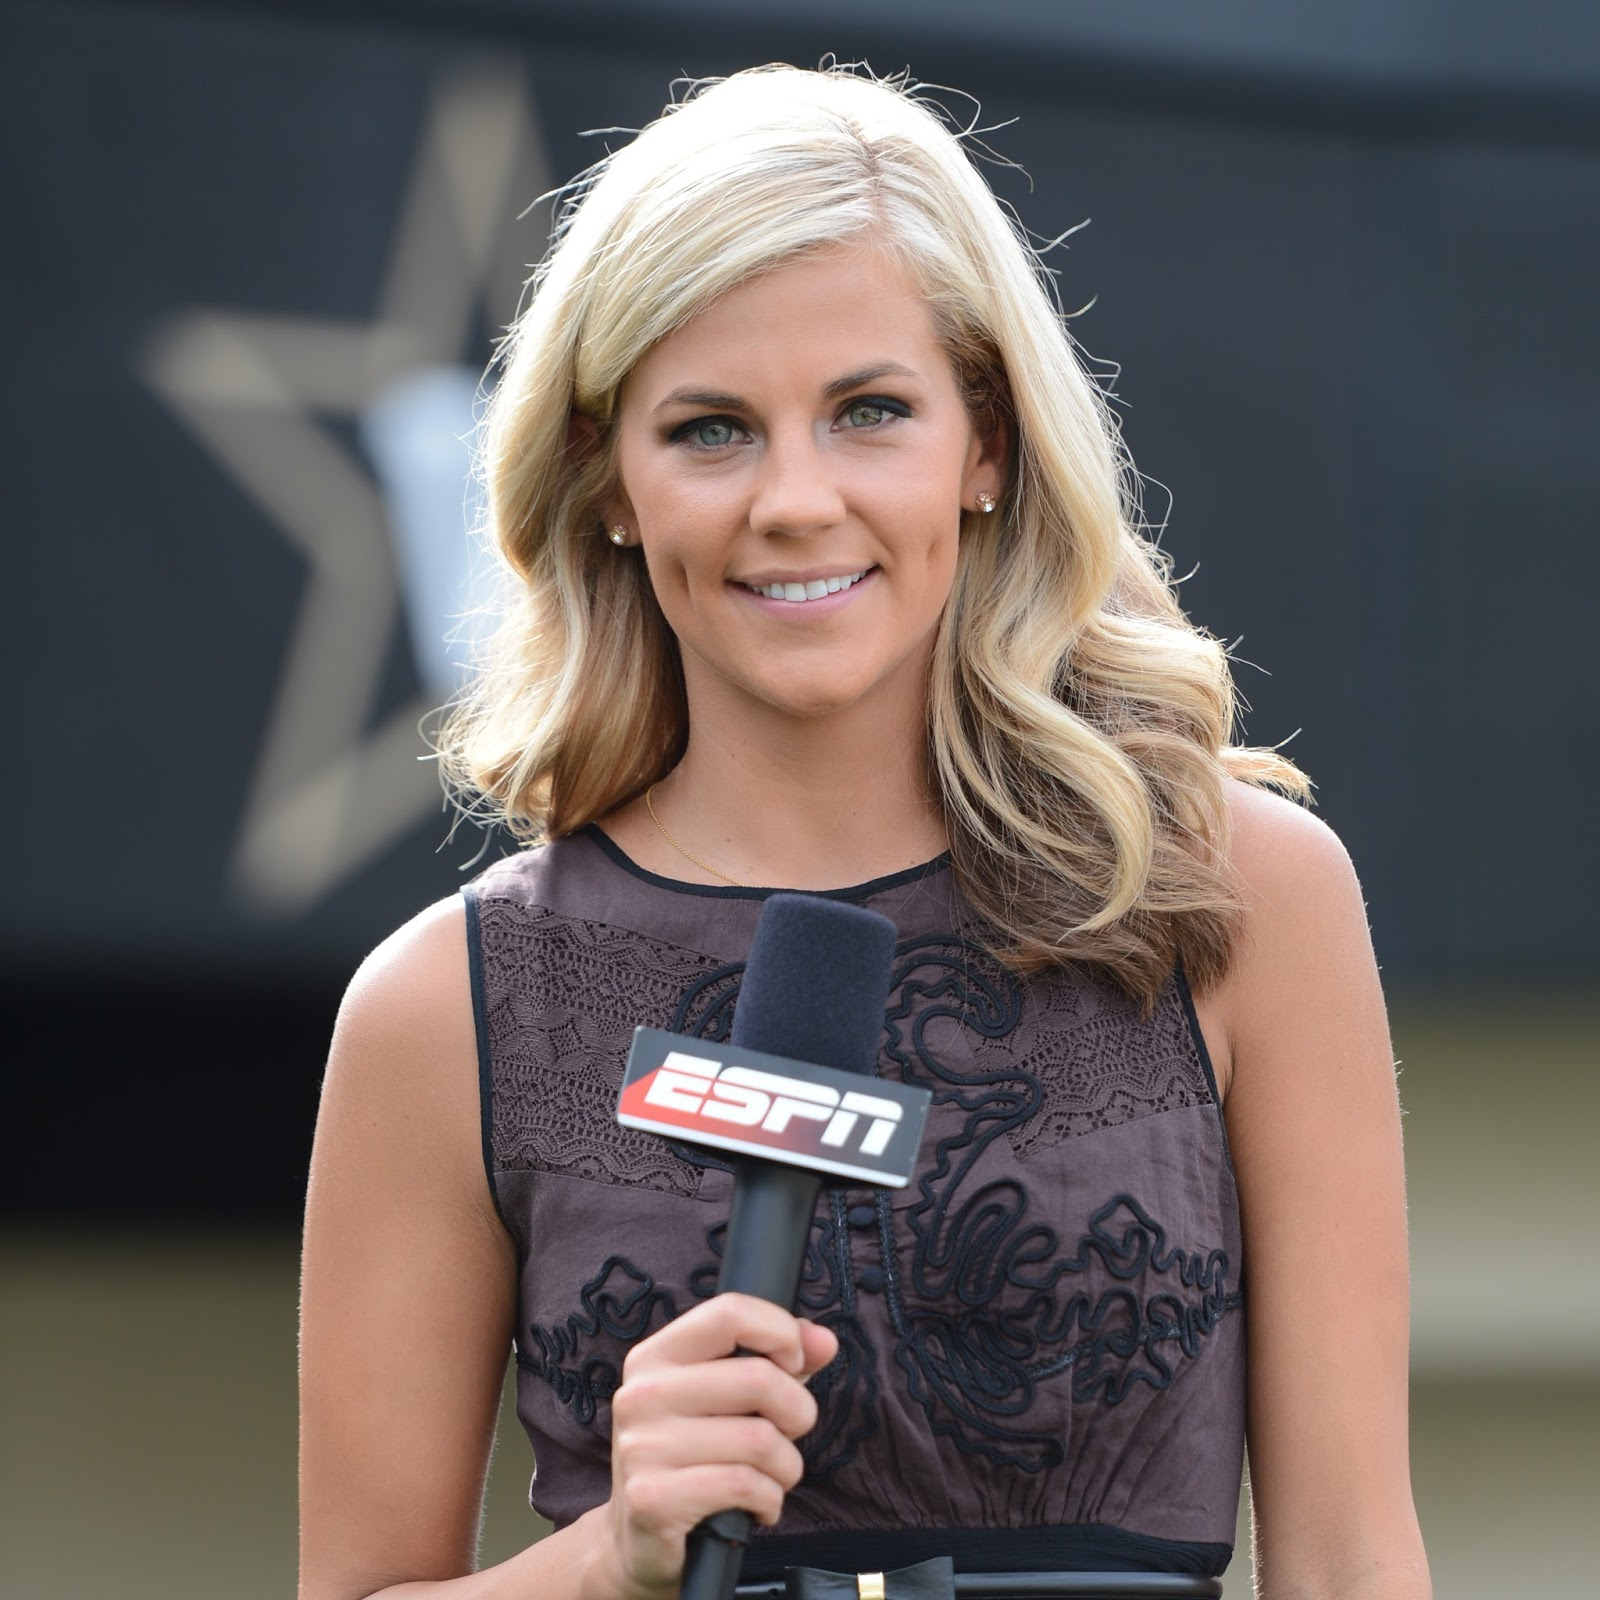 Samantha Ponder as a sideline reporter for ESPN